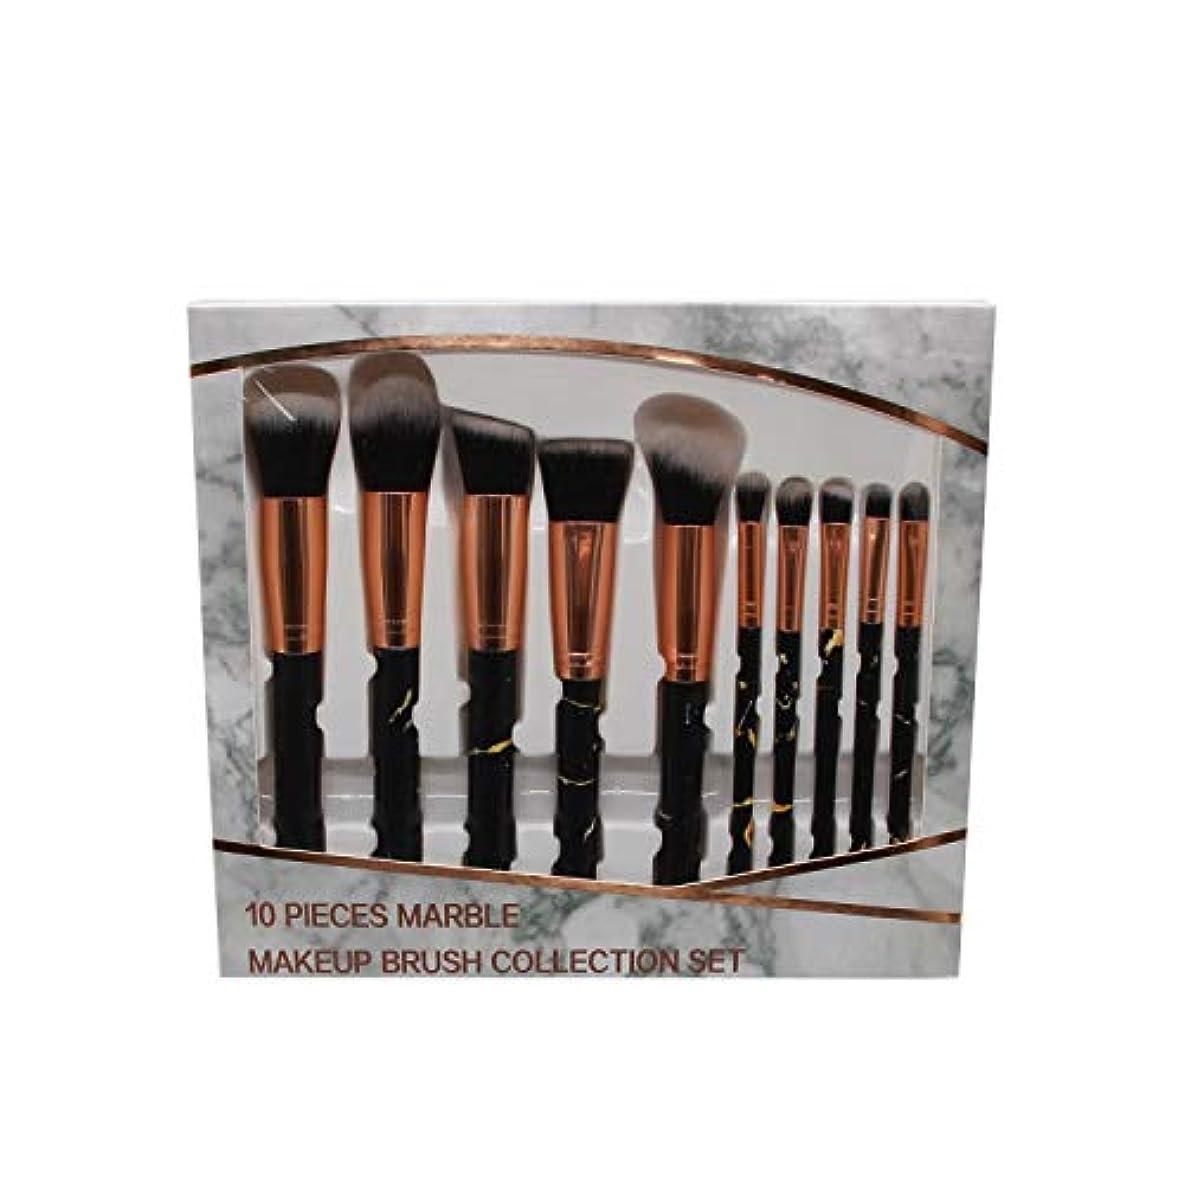 メッシュ先入観奨学金Makeup brushes 洗練された合成ファンデーションコンシーラーアイシャドウフェイシャルメイクアップブラシセット(10個)、マーブルメイクアップブラシセット suits (Color : Pink)